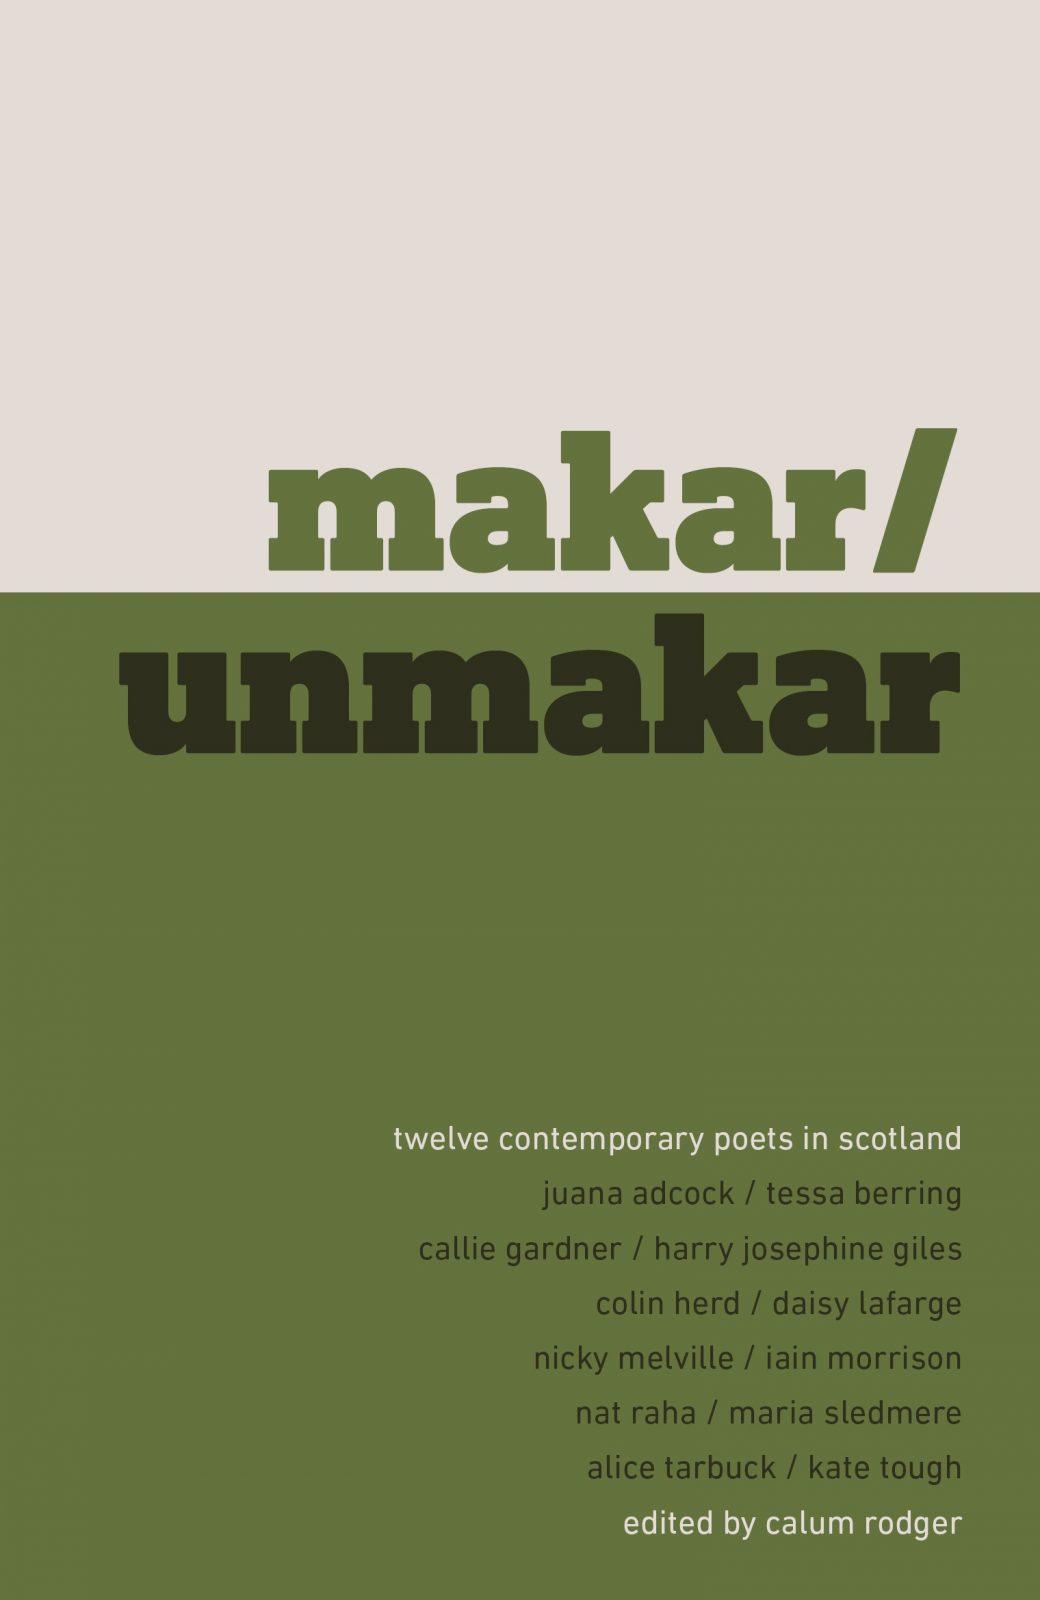 Launch: Makar/Unmakar | Event | Scottish Poetry Library